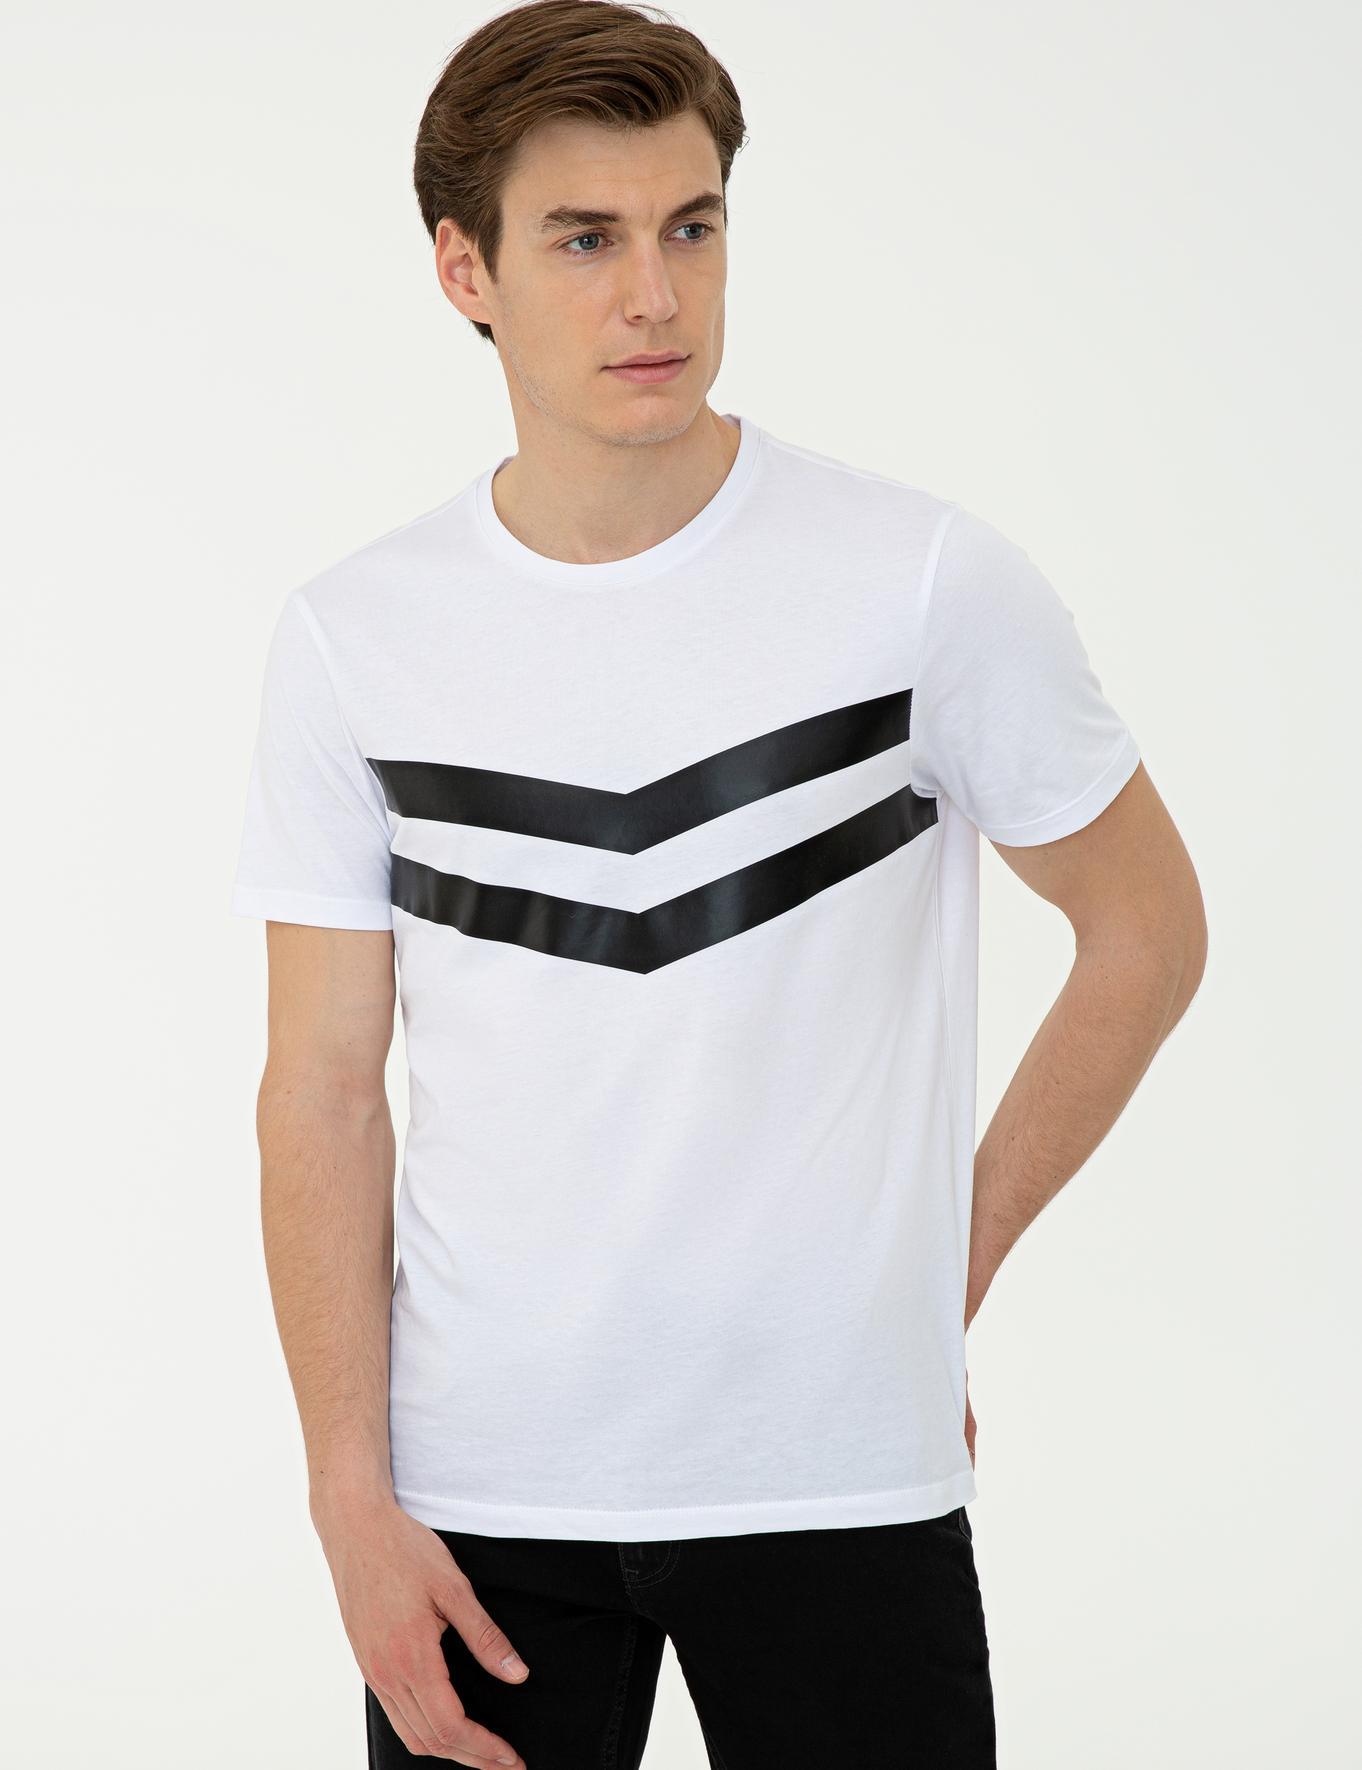 Bisiklet Yaka T-Shirt - 50240682001